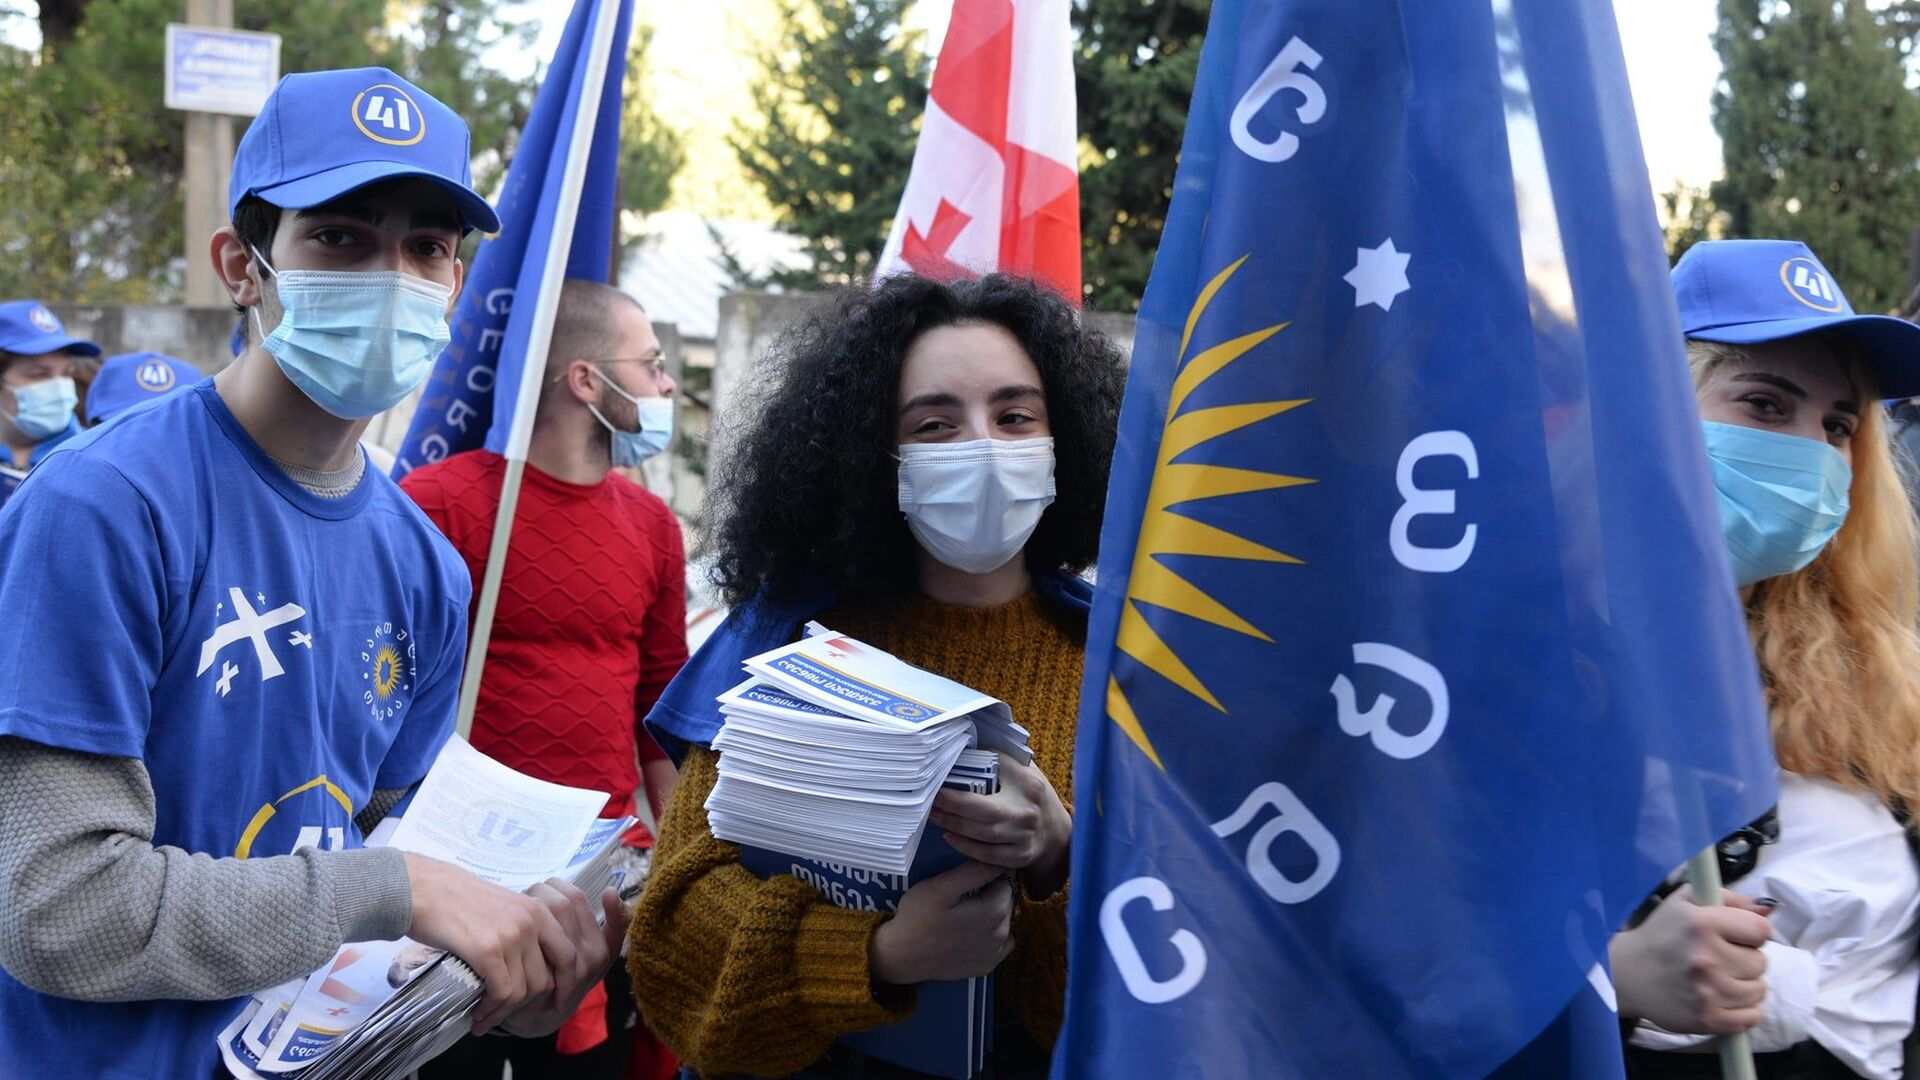 Предвыборная агитация. Партия Грузинская мечта. Активисты в масках во время эпидемии коронавируса - Sputnik Грузия, 1920, 18.09.2021